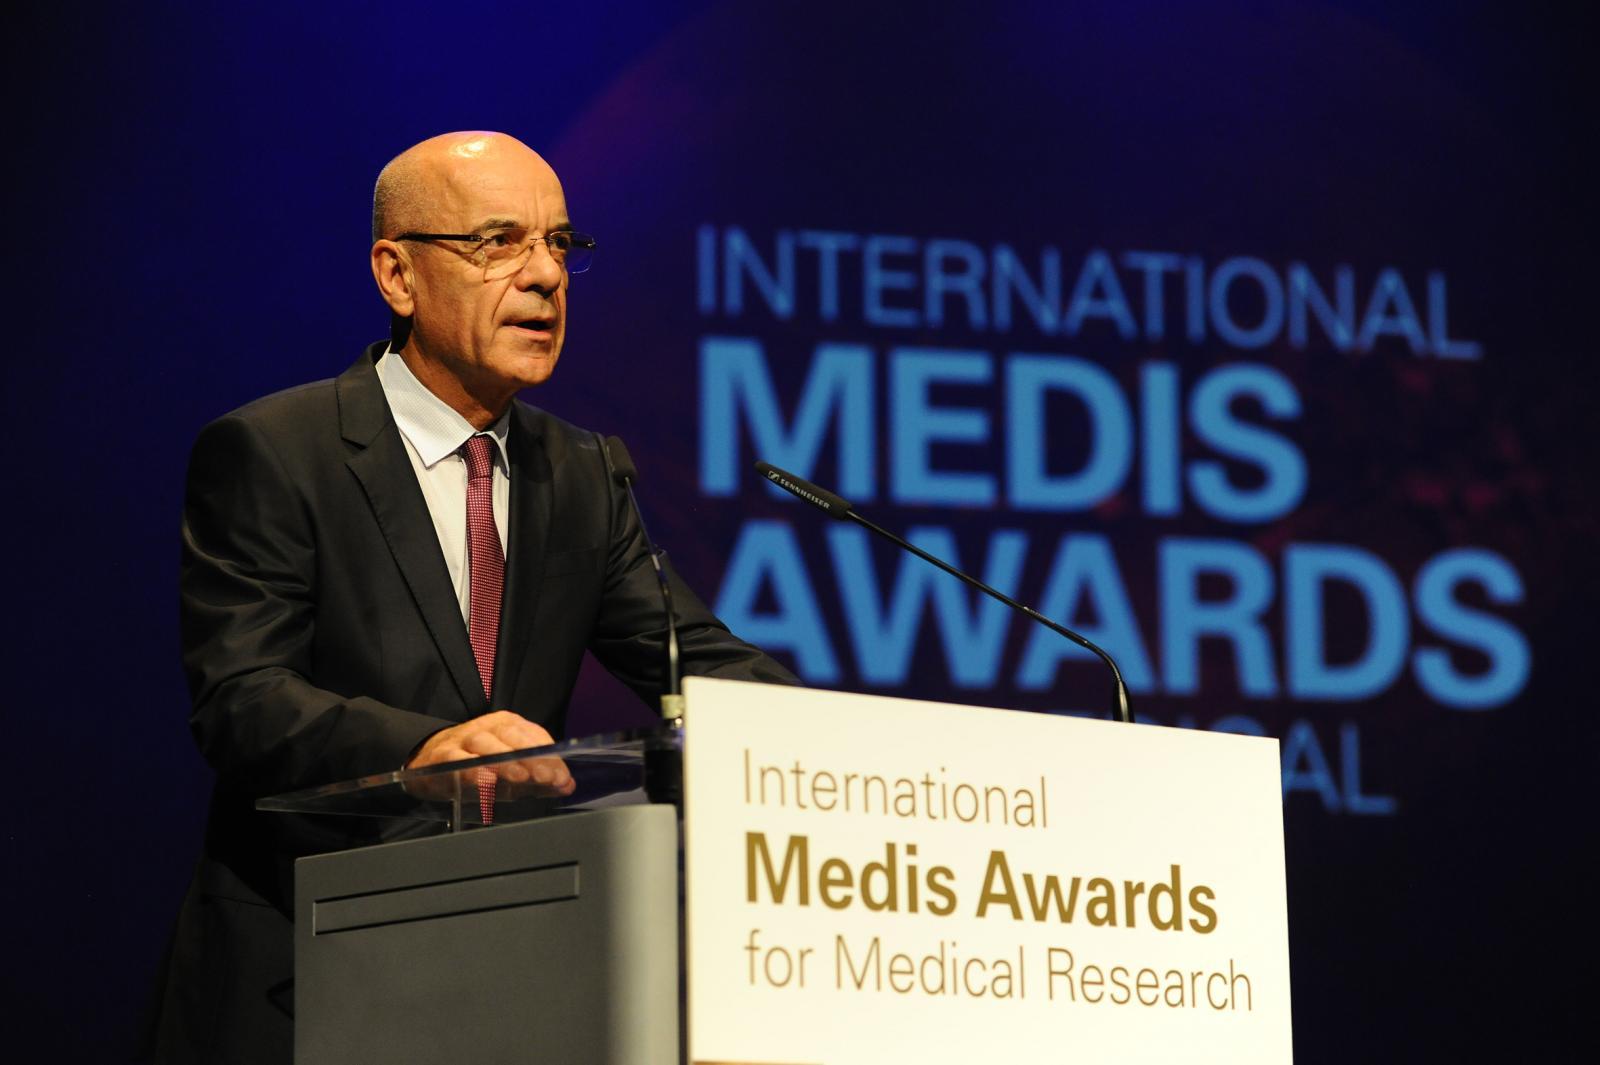 Raduje nas što su Medis Awards postale prepoznatljive nagrade za klinički istraživački rad u našoj regiji, rekao je generalni direktor tvrtke Medis, Tone Strnad.